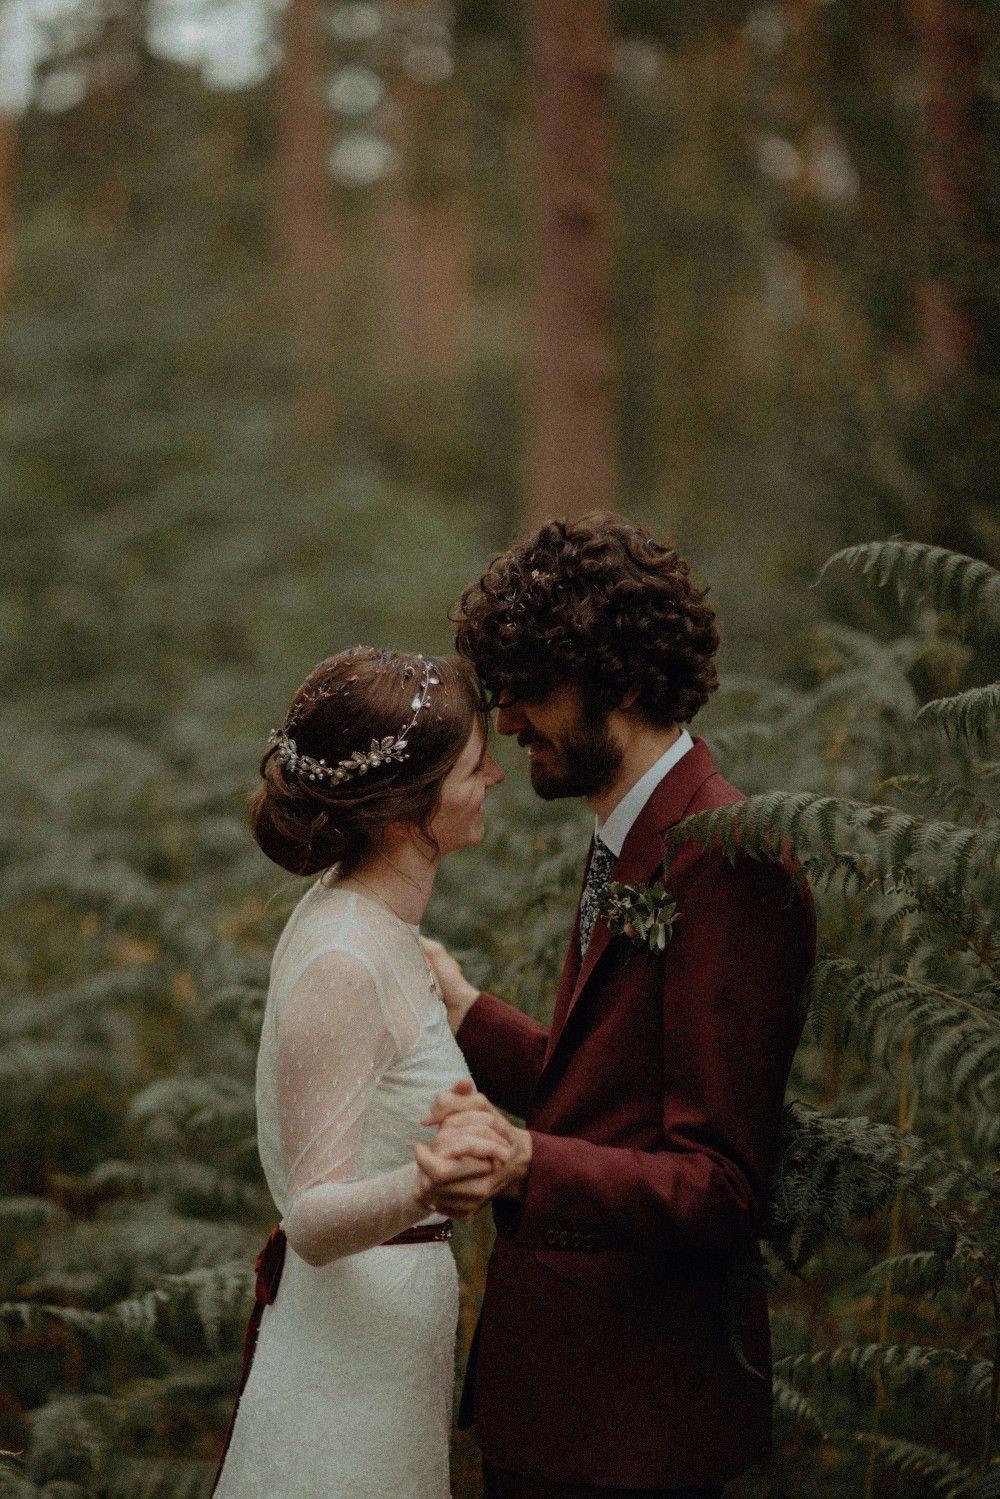 Autumn Dark Red Wedding Belle Art Photography #Autumn #Dark #Red #Wedding #burgundy #forest #woodland #autumnweddingdress